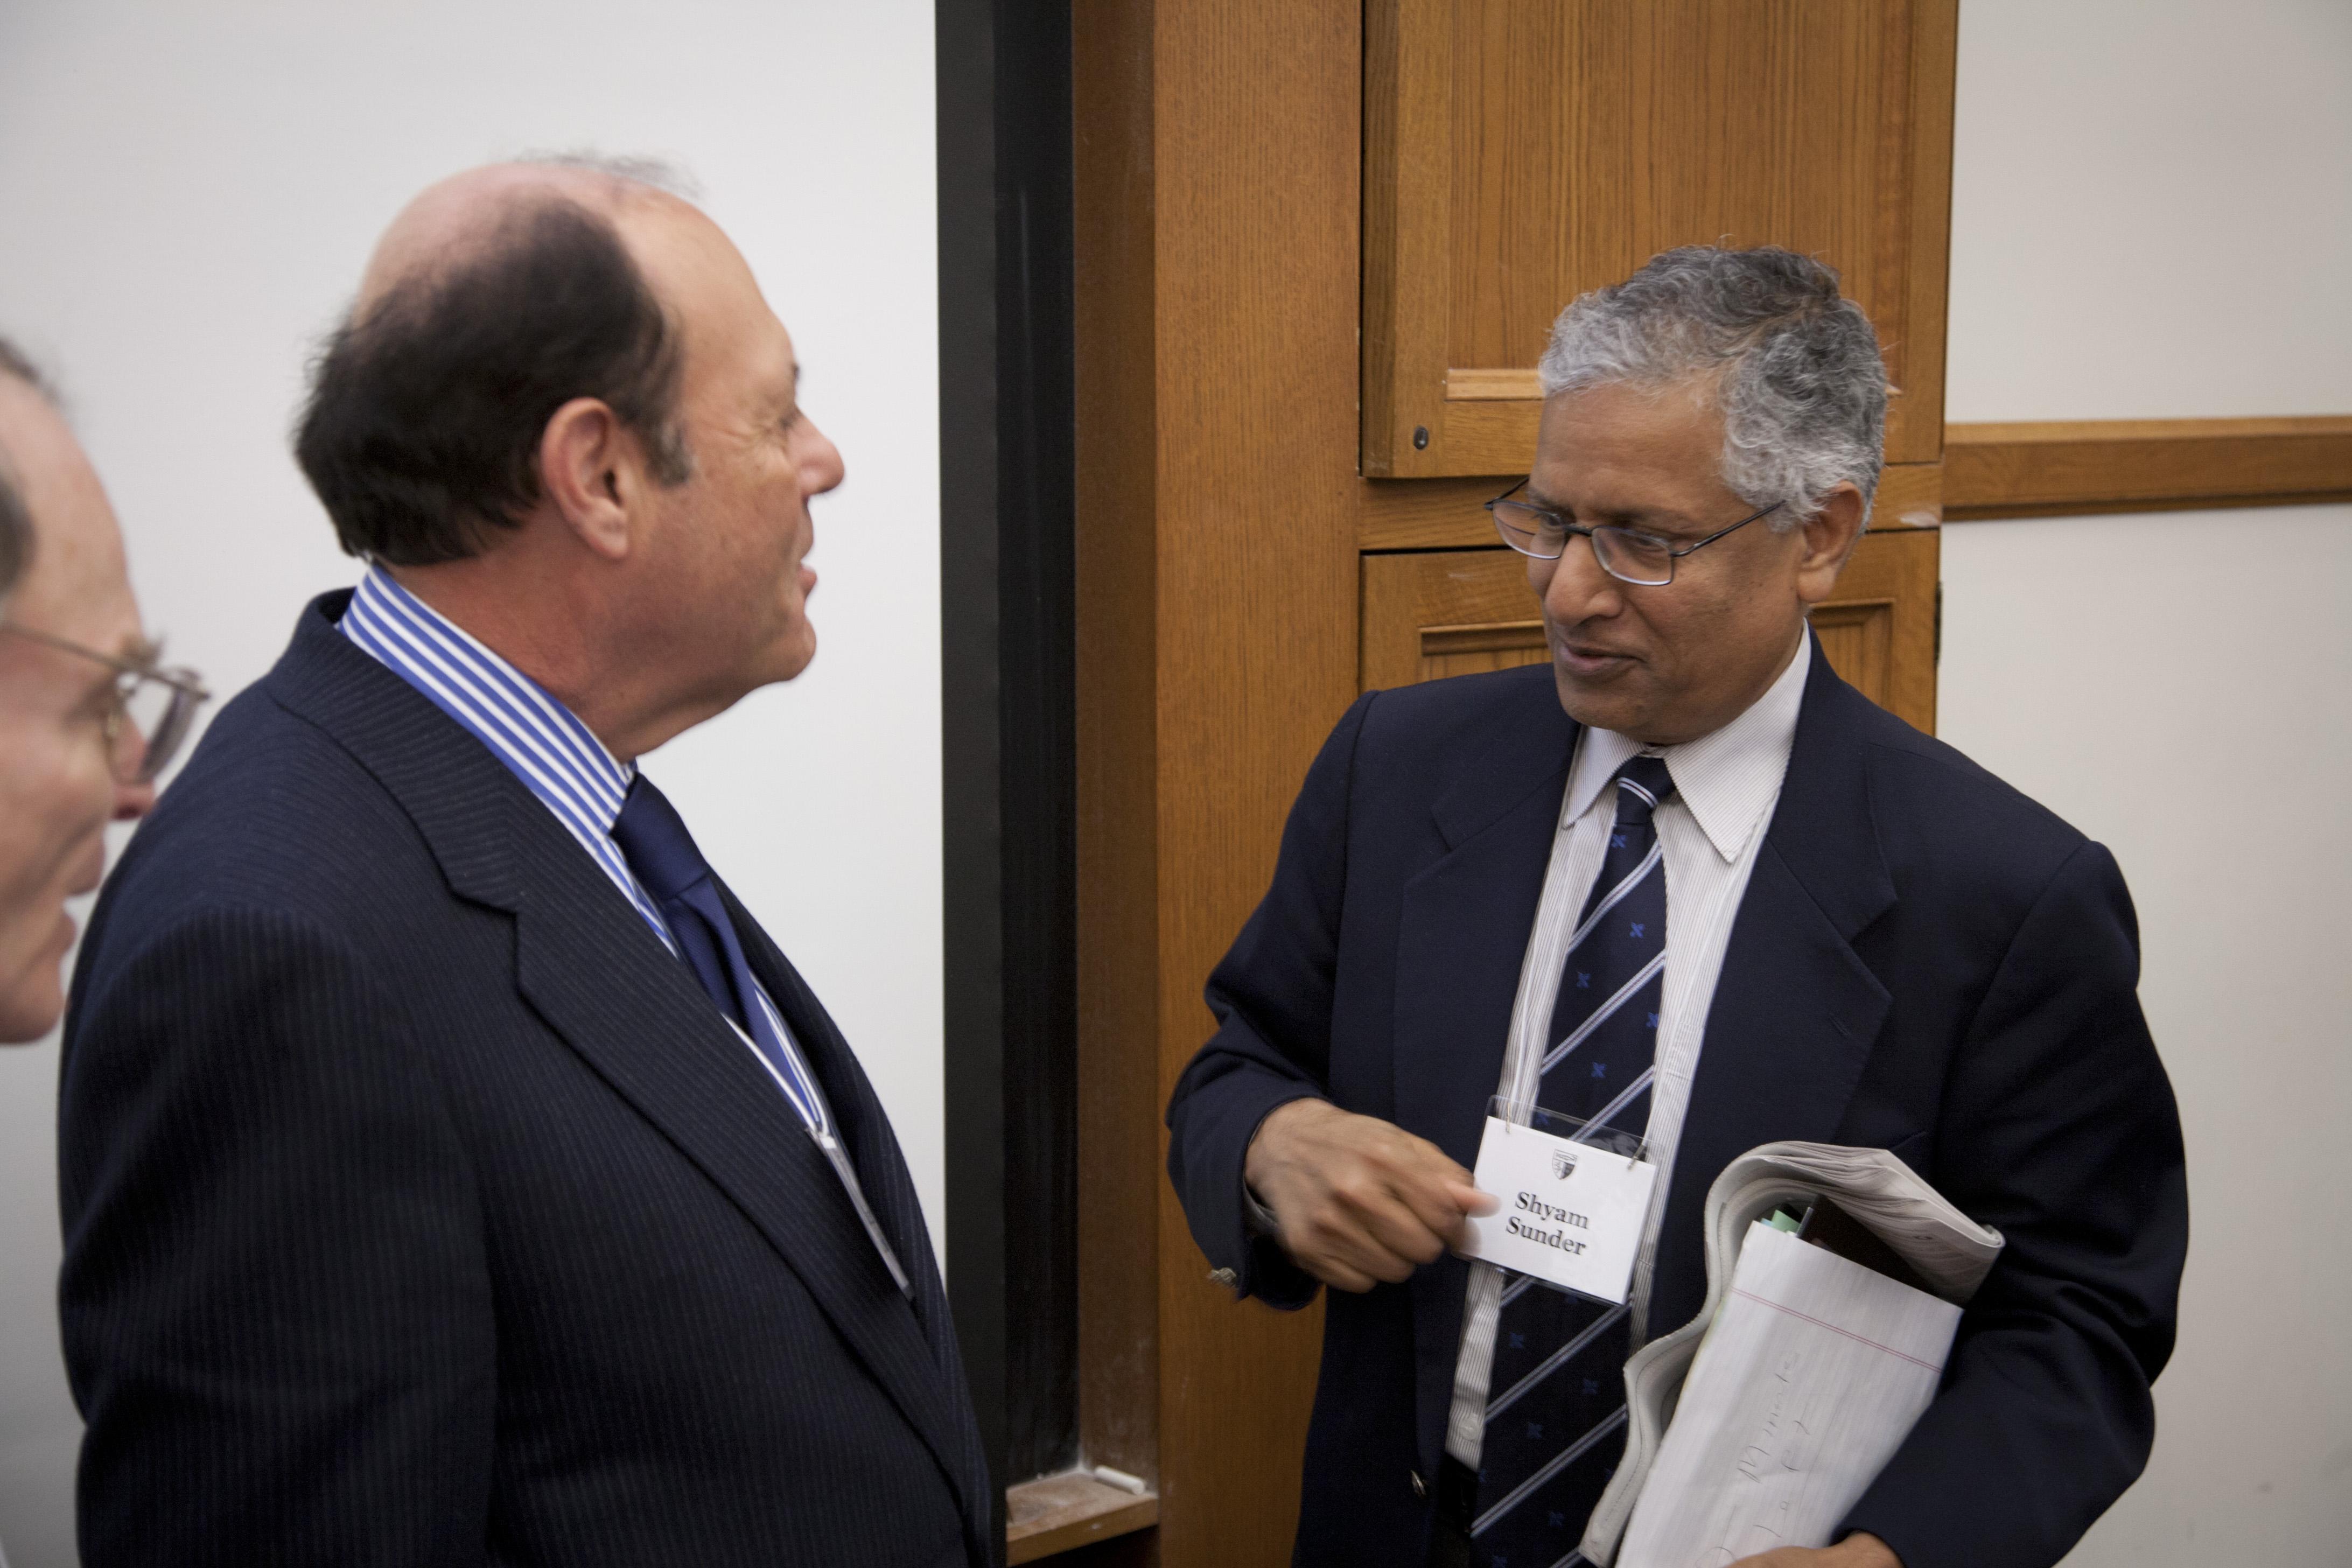 Eugene Ludwig '73 and Yale SOM Prof. Shyam Sunder